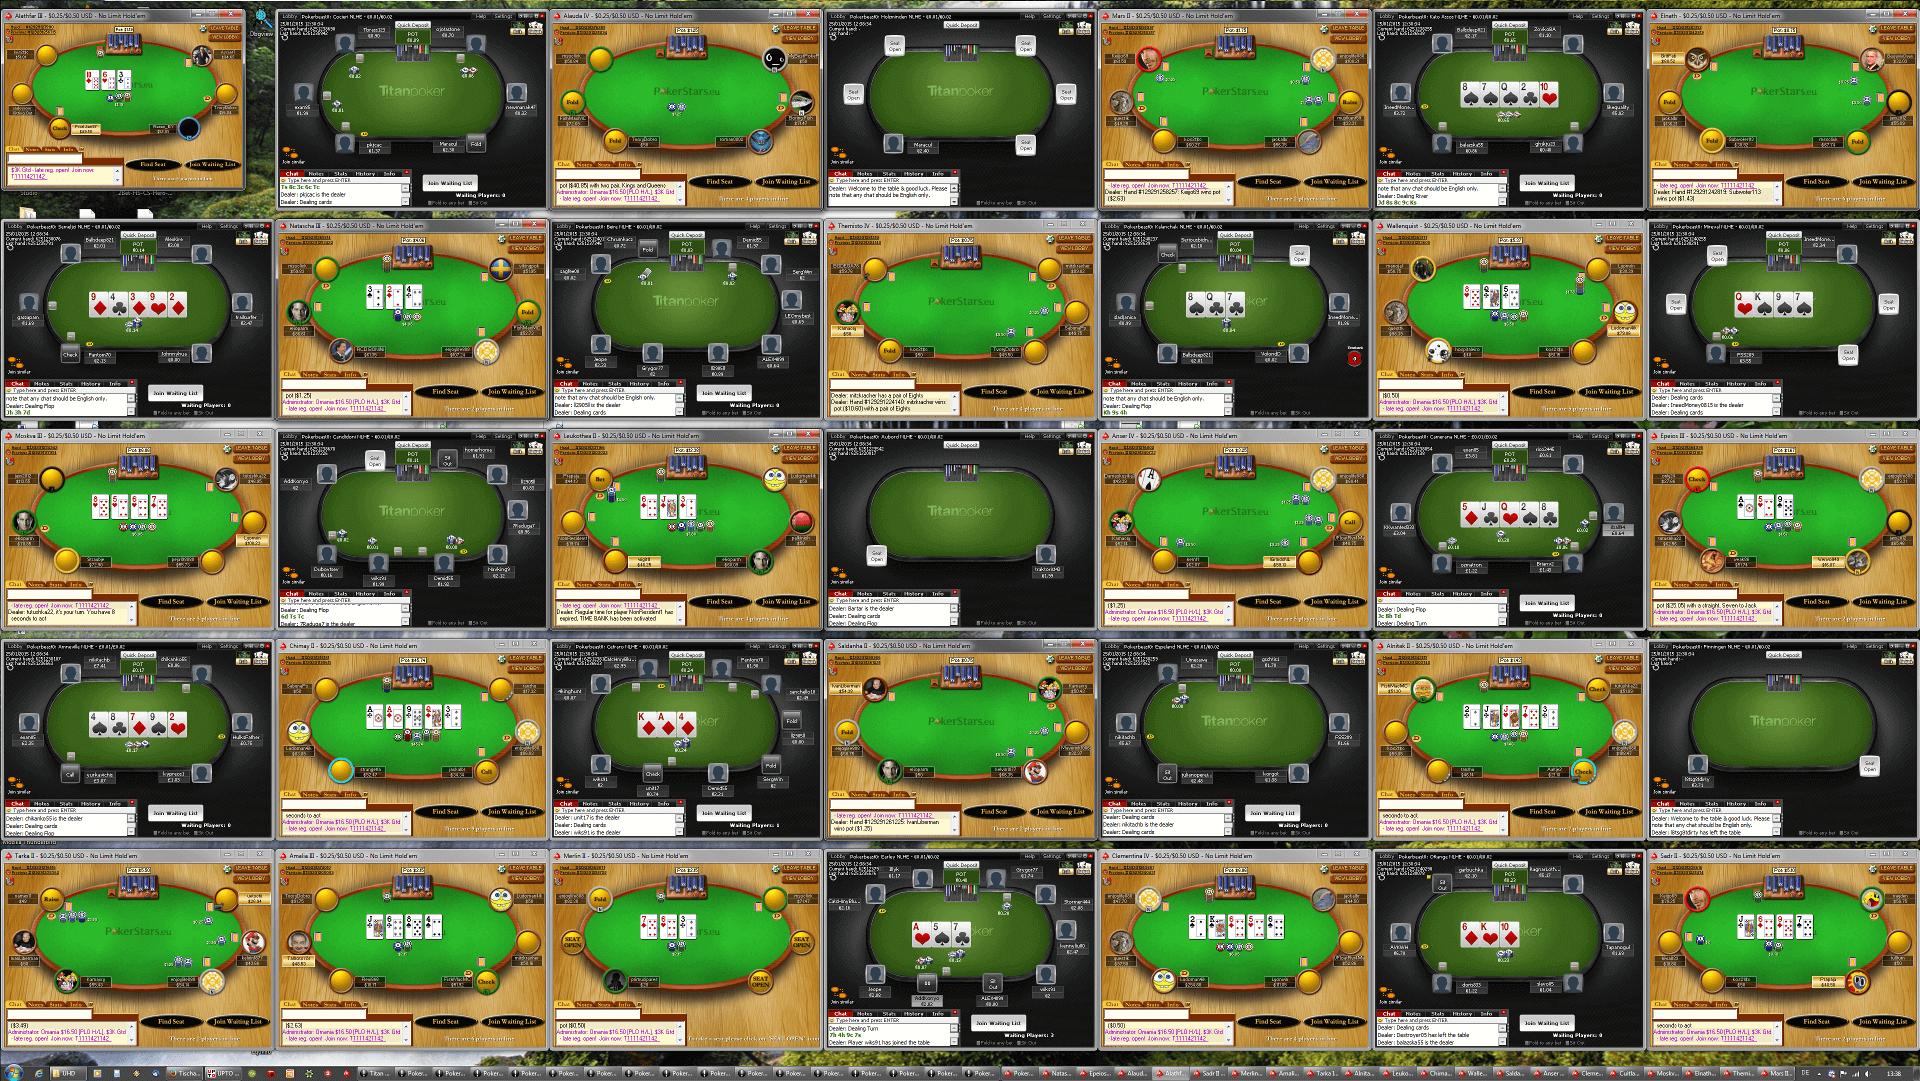 Poker Tischanordnung - WQHD(7x5)